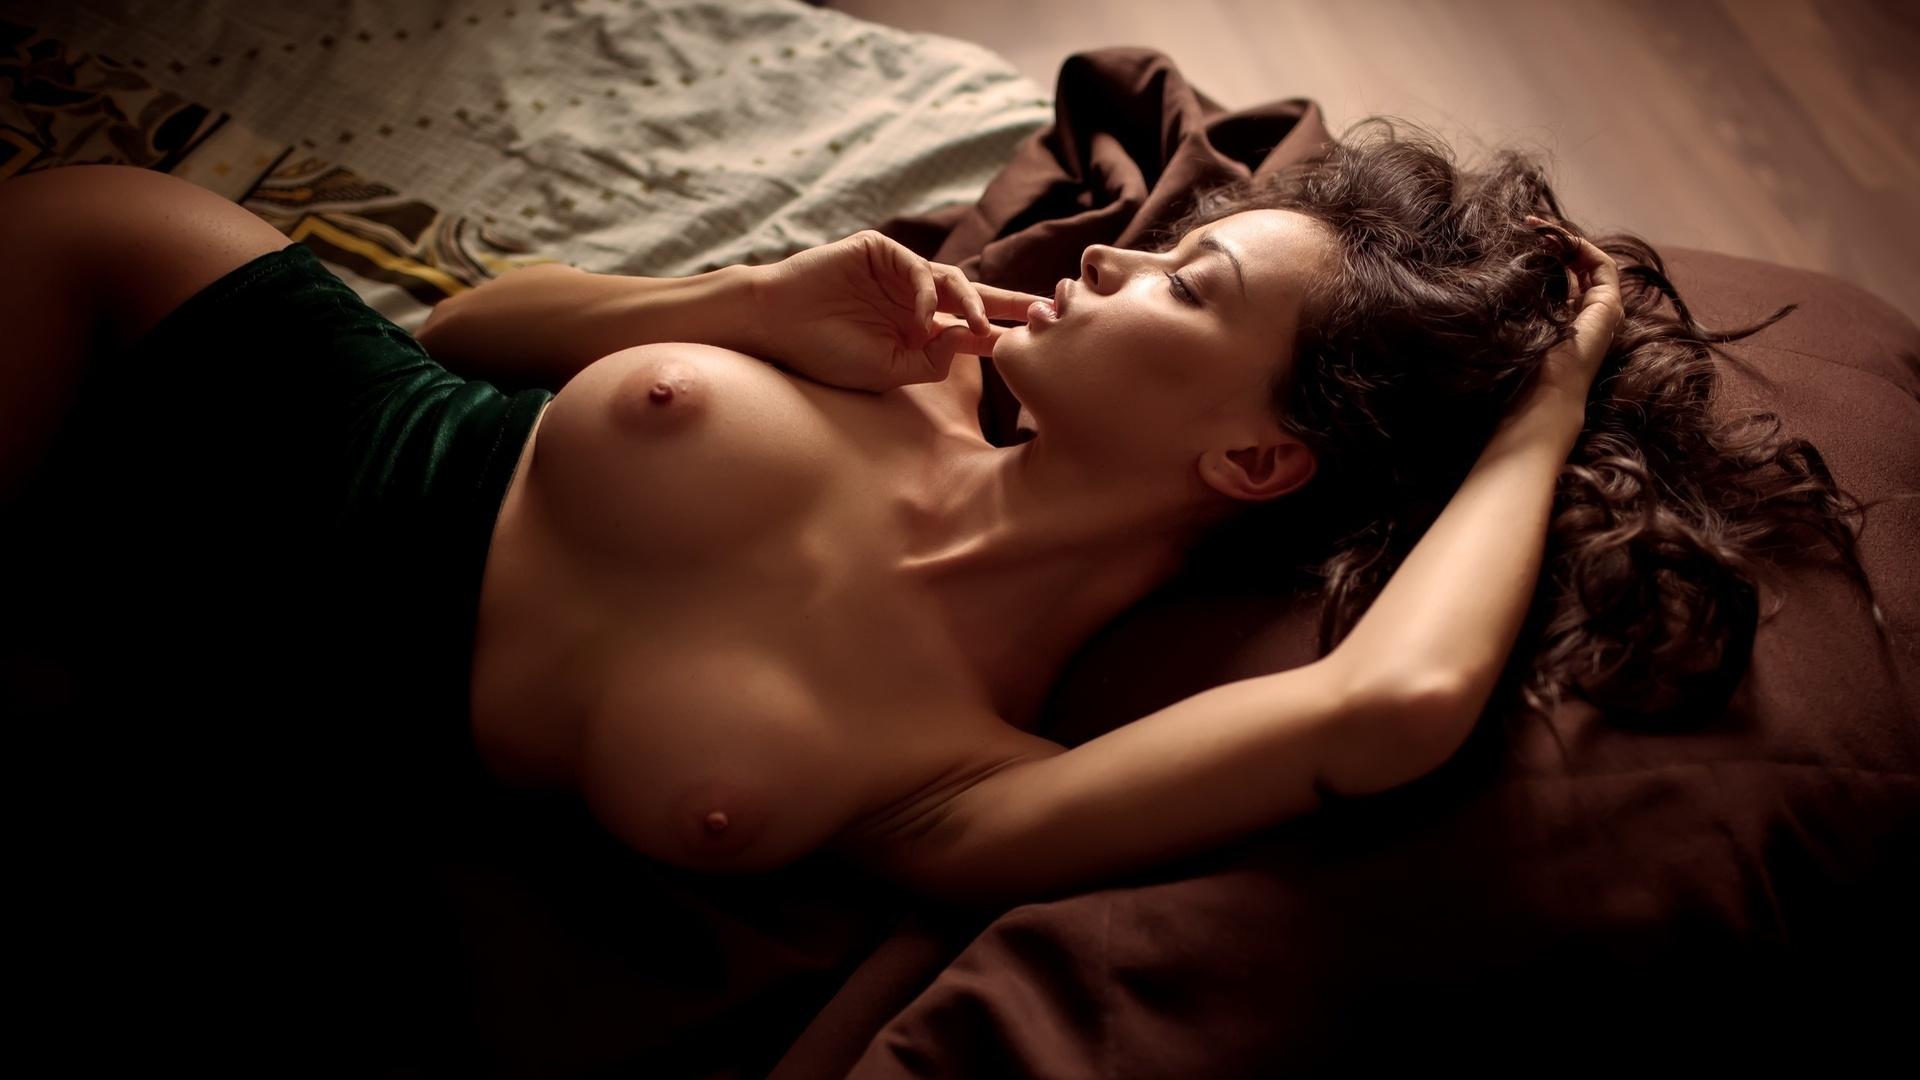 Фото девушек в постели доброй ночи 19 фотография